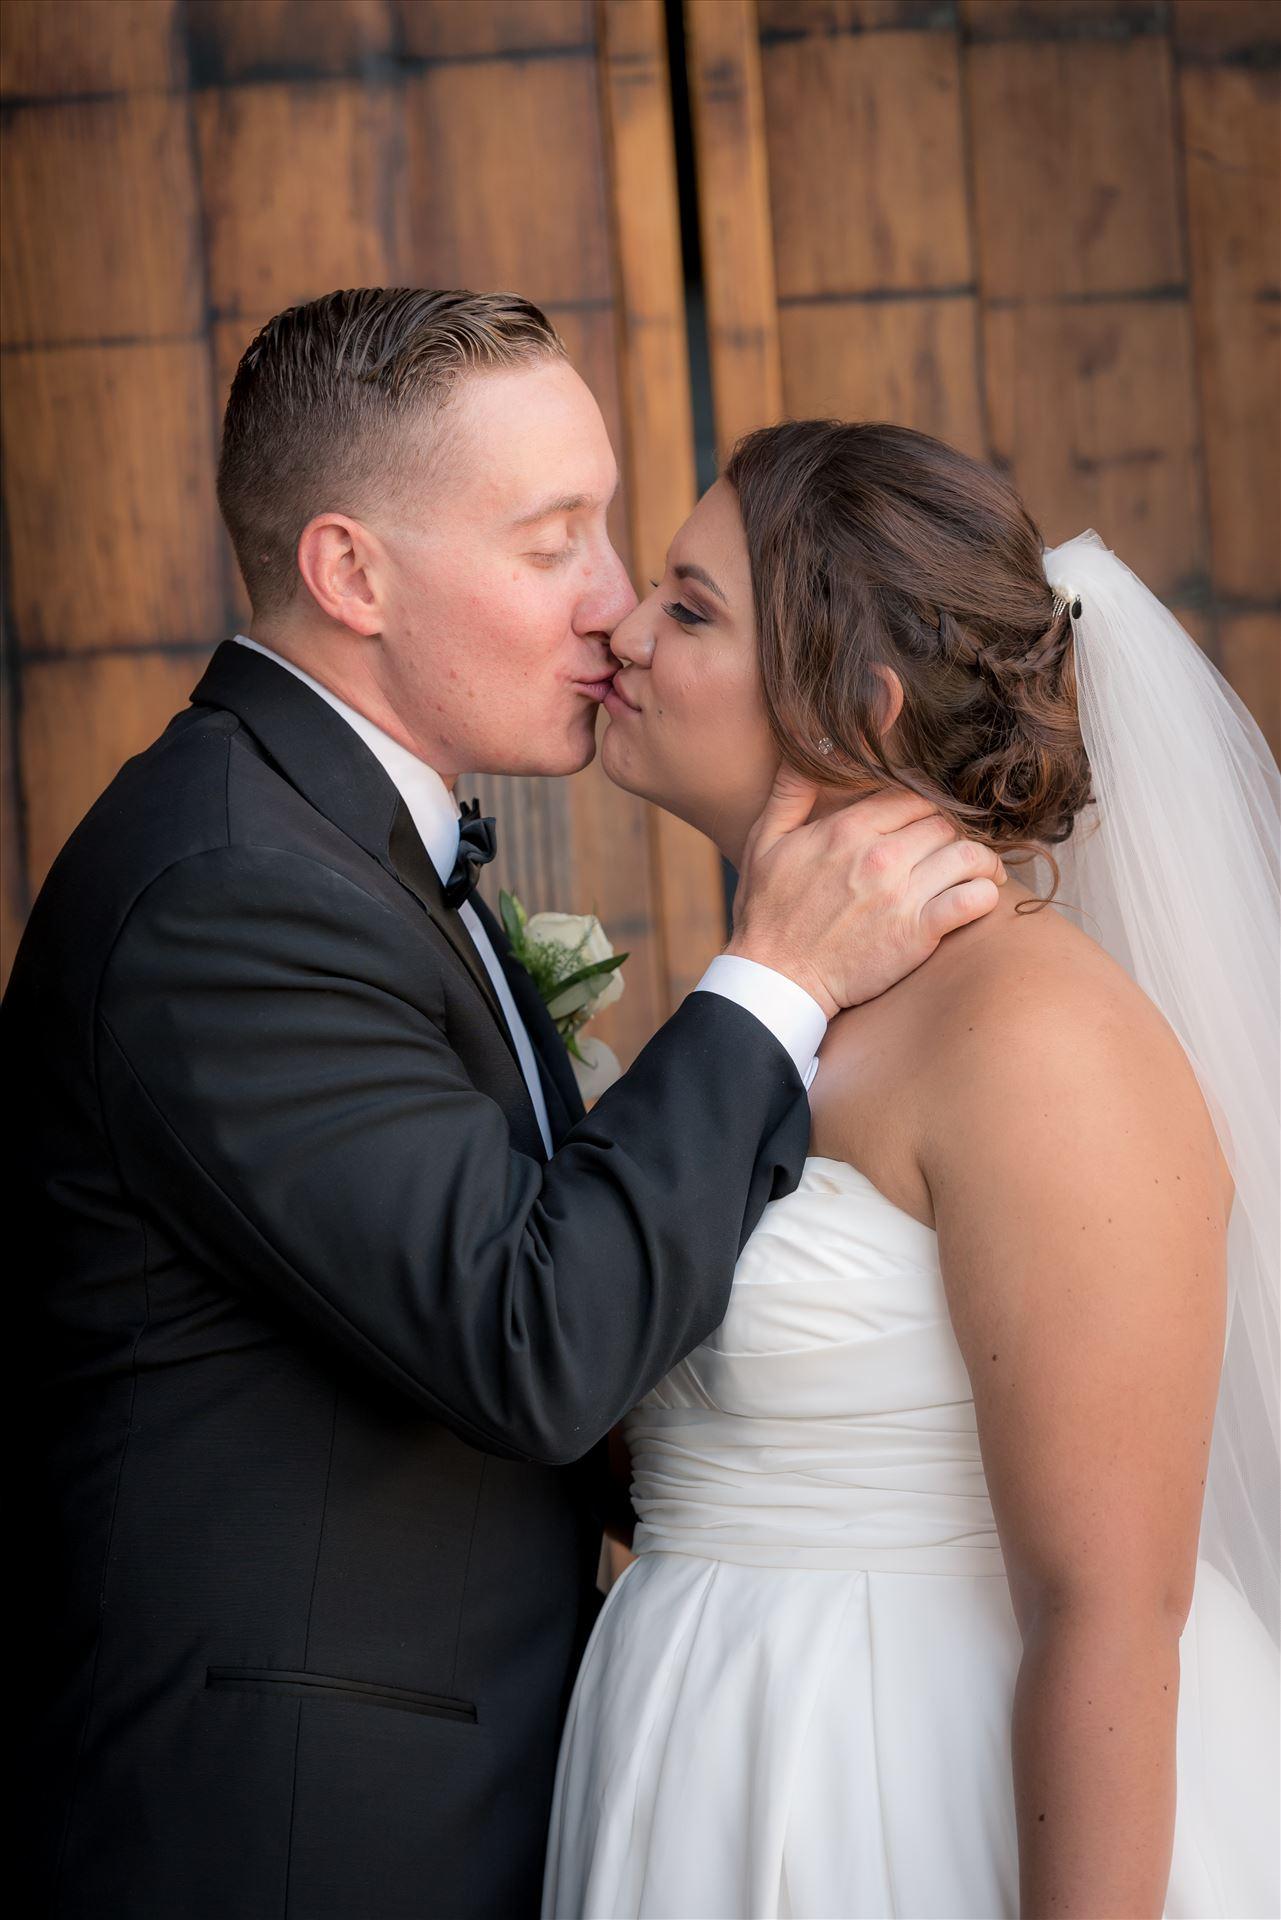 Gilroy Wedding Photography 01Mirror's Edge Photography provides wedding and engagement photography for San Luis Obispo, Arroyo Grande, Pismo Beach, Avila Beach, Morro Bay and surrounding Central Coast locations